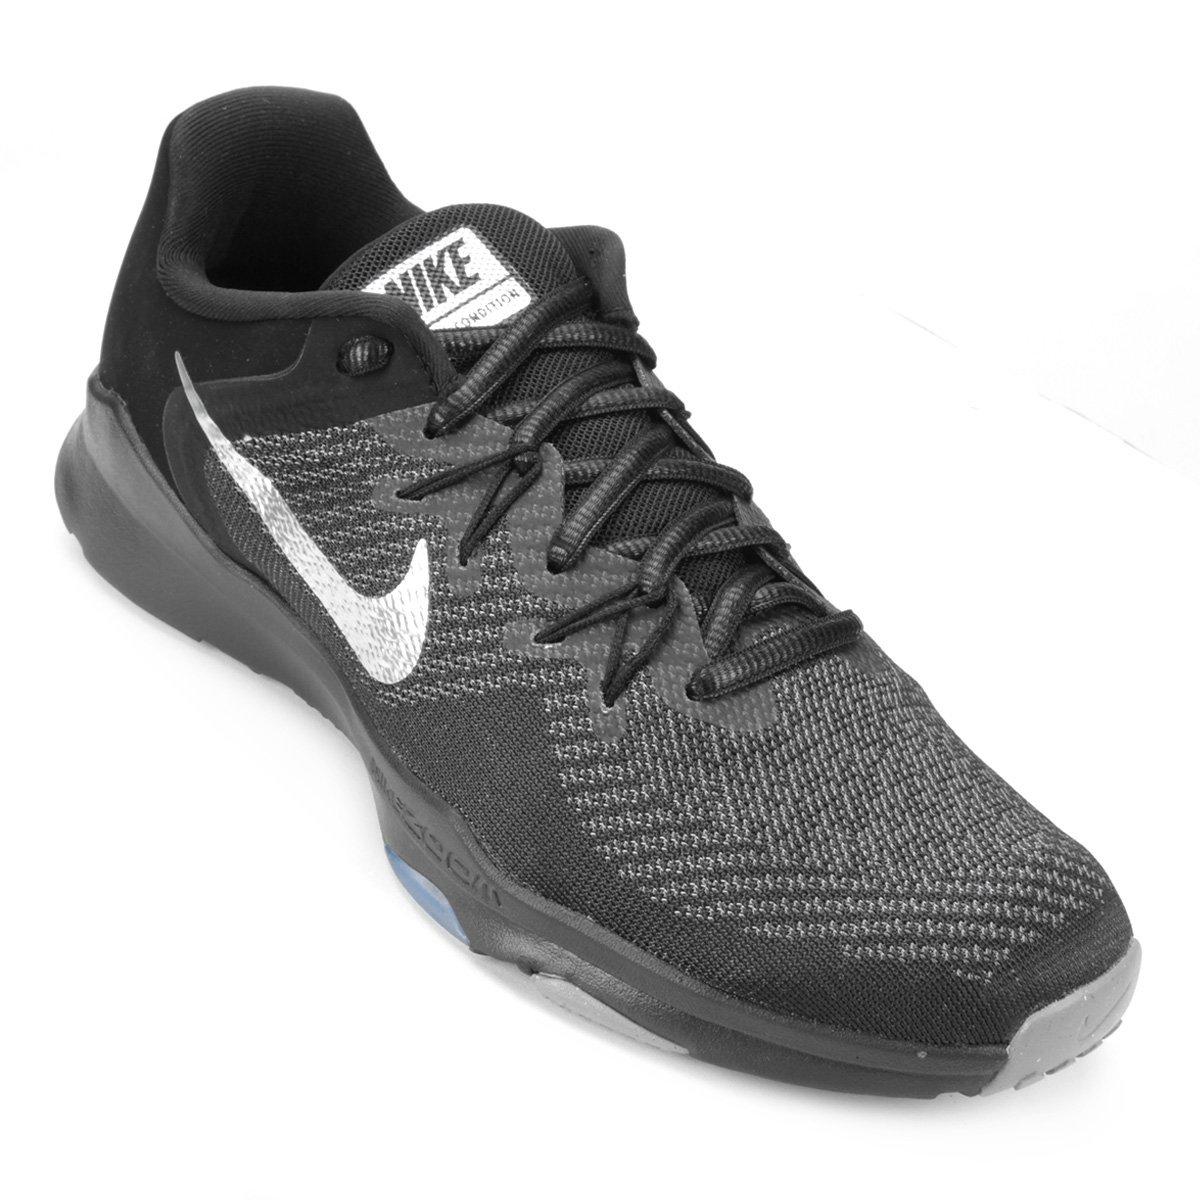 459edcf290b Tênis Nike Zoom Condition TR 2 PRM Feminino